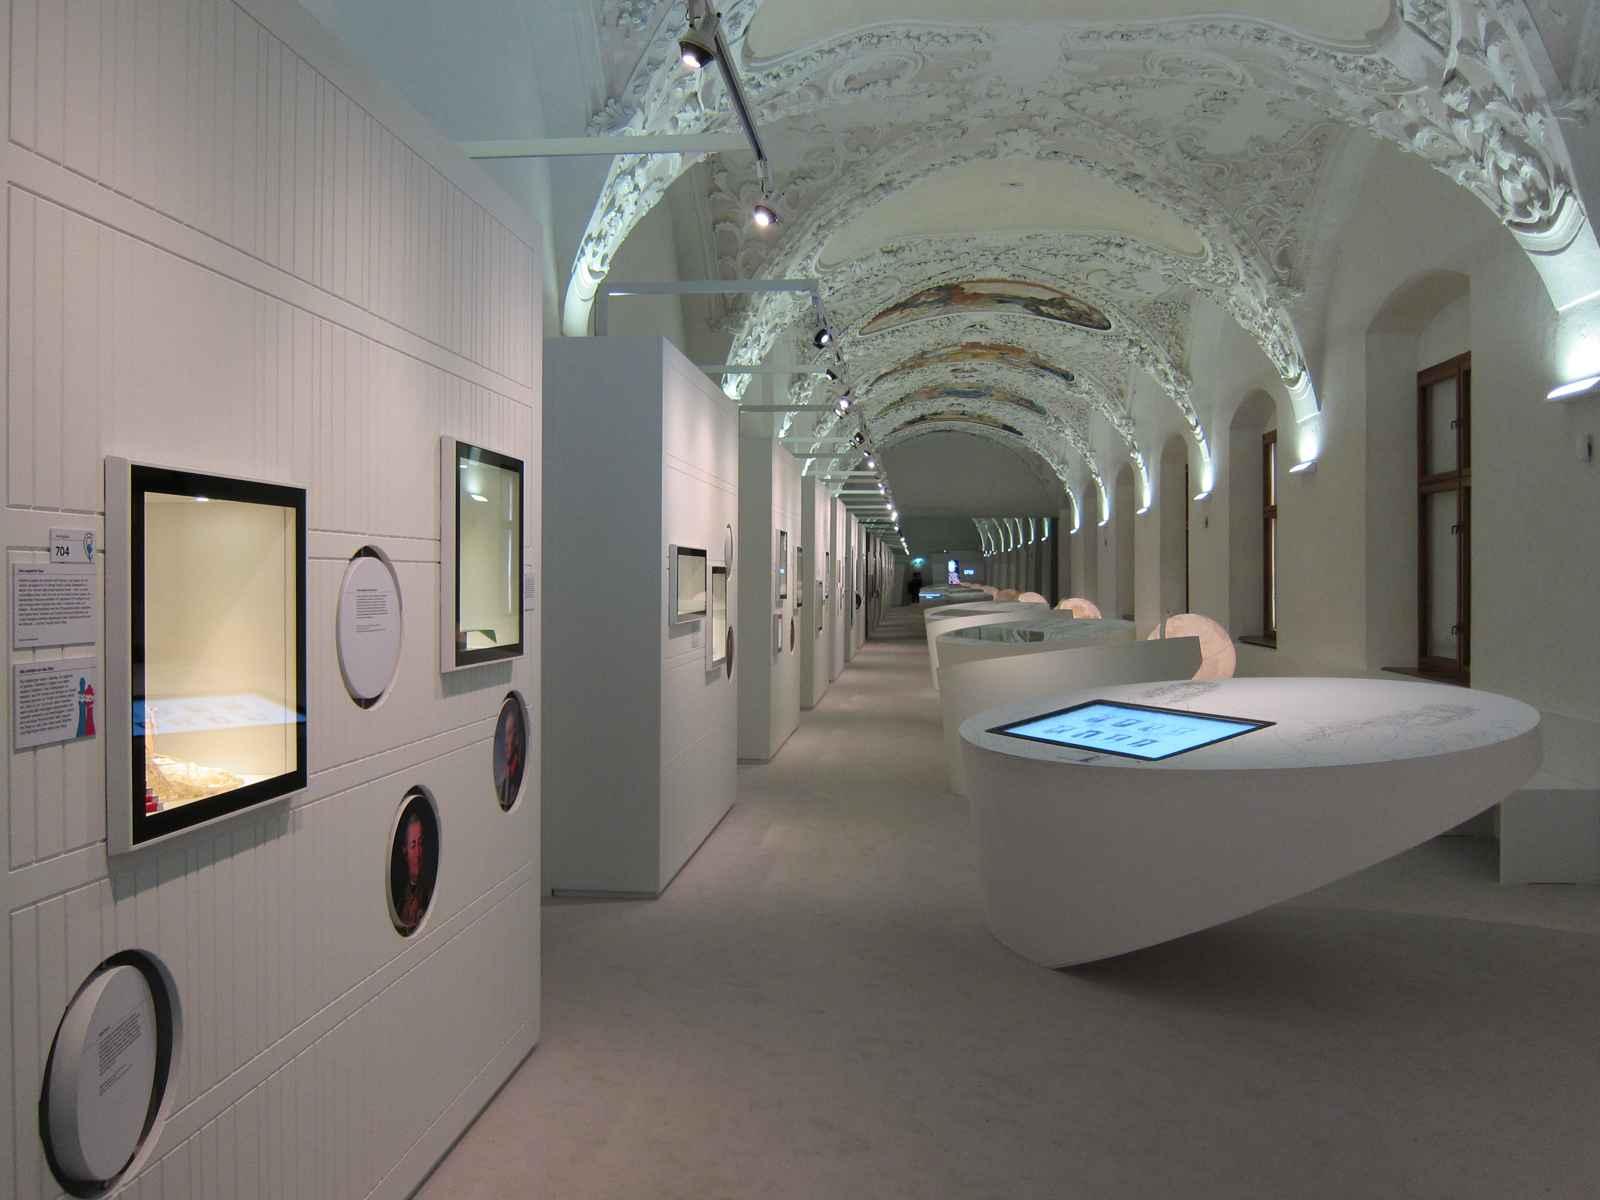 Raumeindruck Bibliothek mit Stuck Tonnengewölbe und ovalen Vitrinen